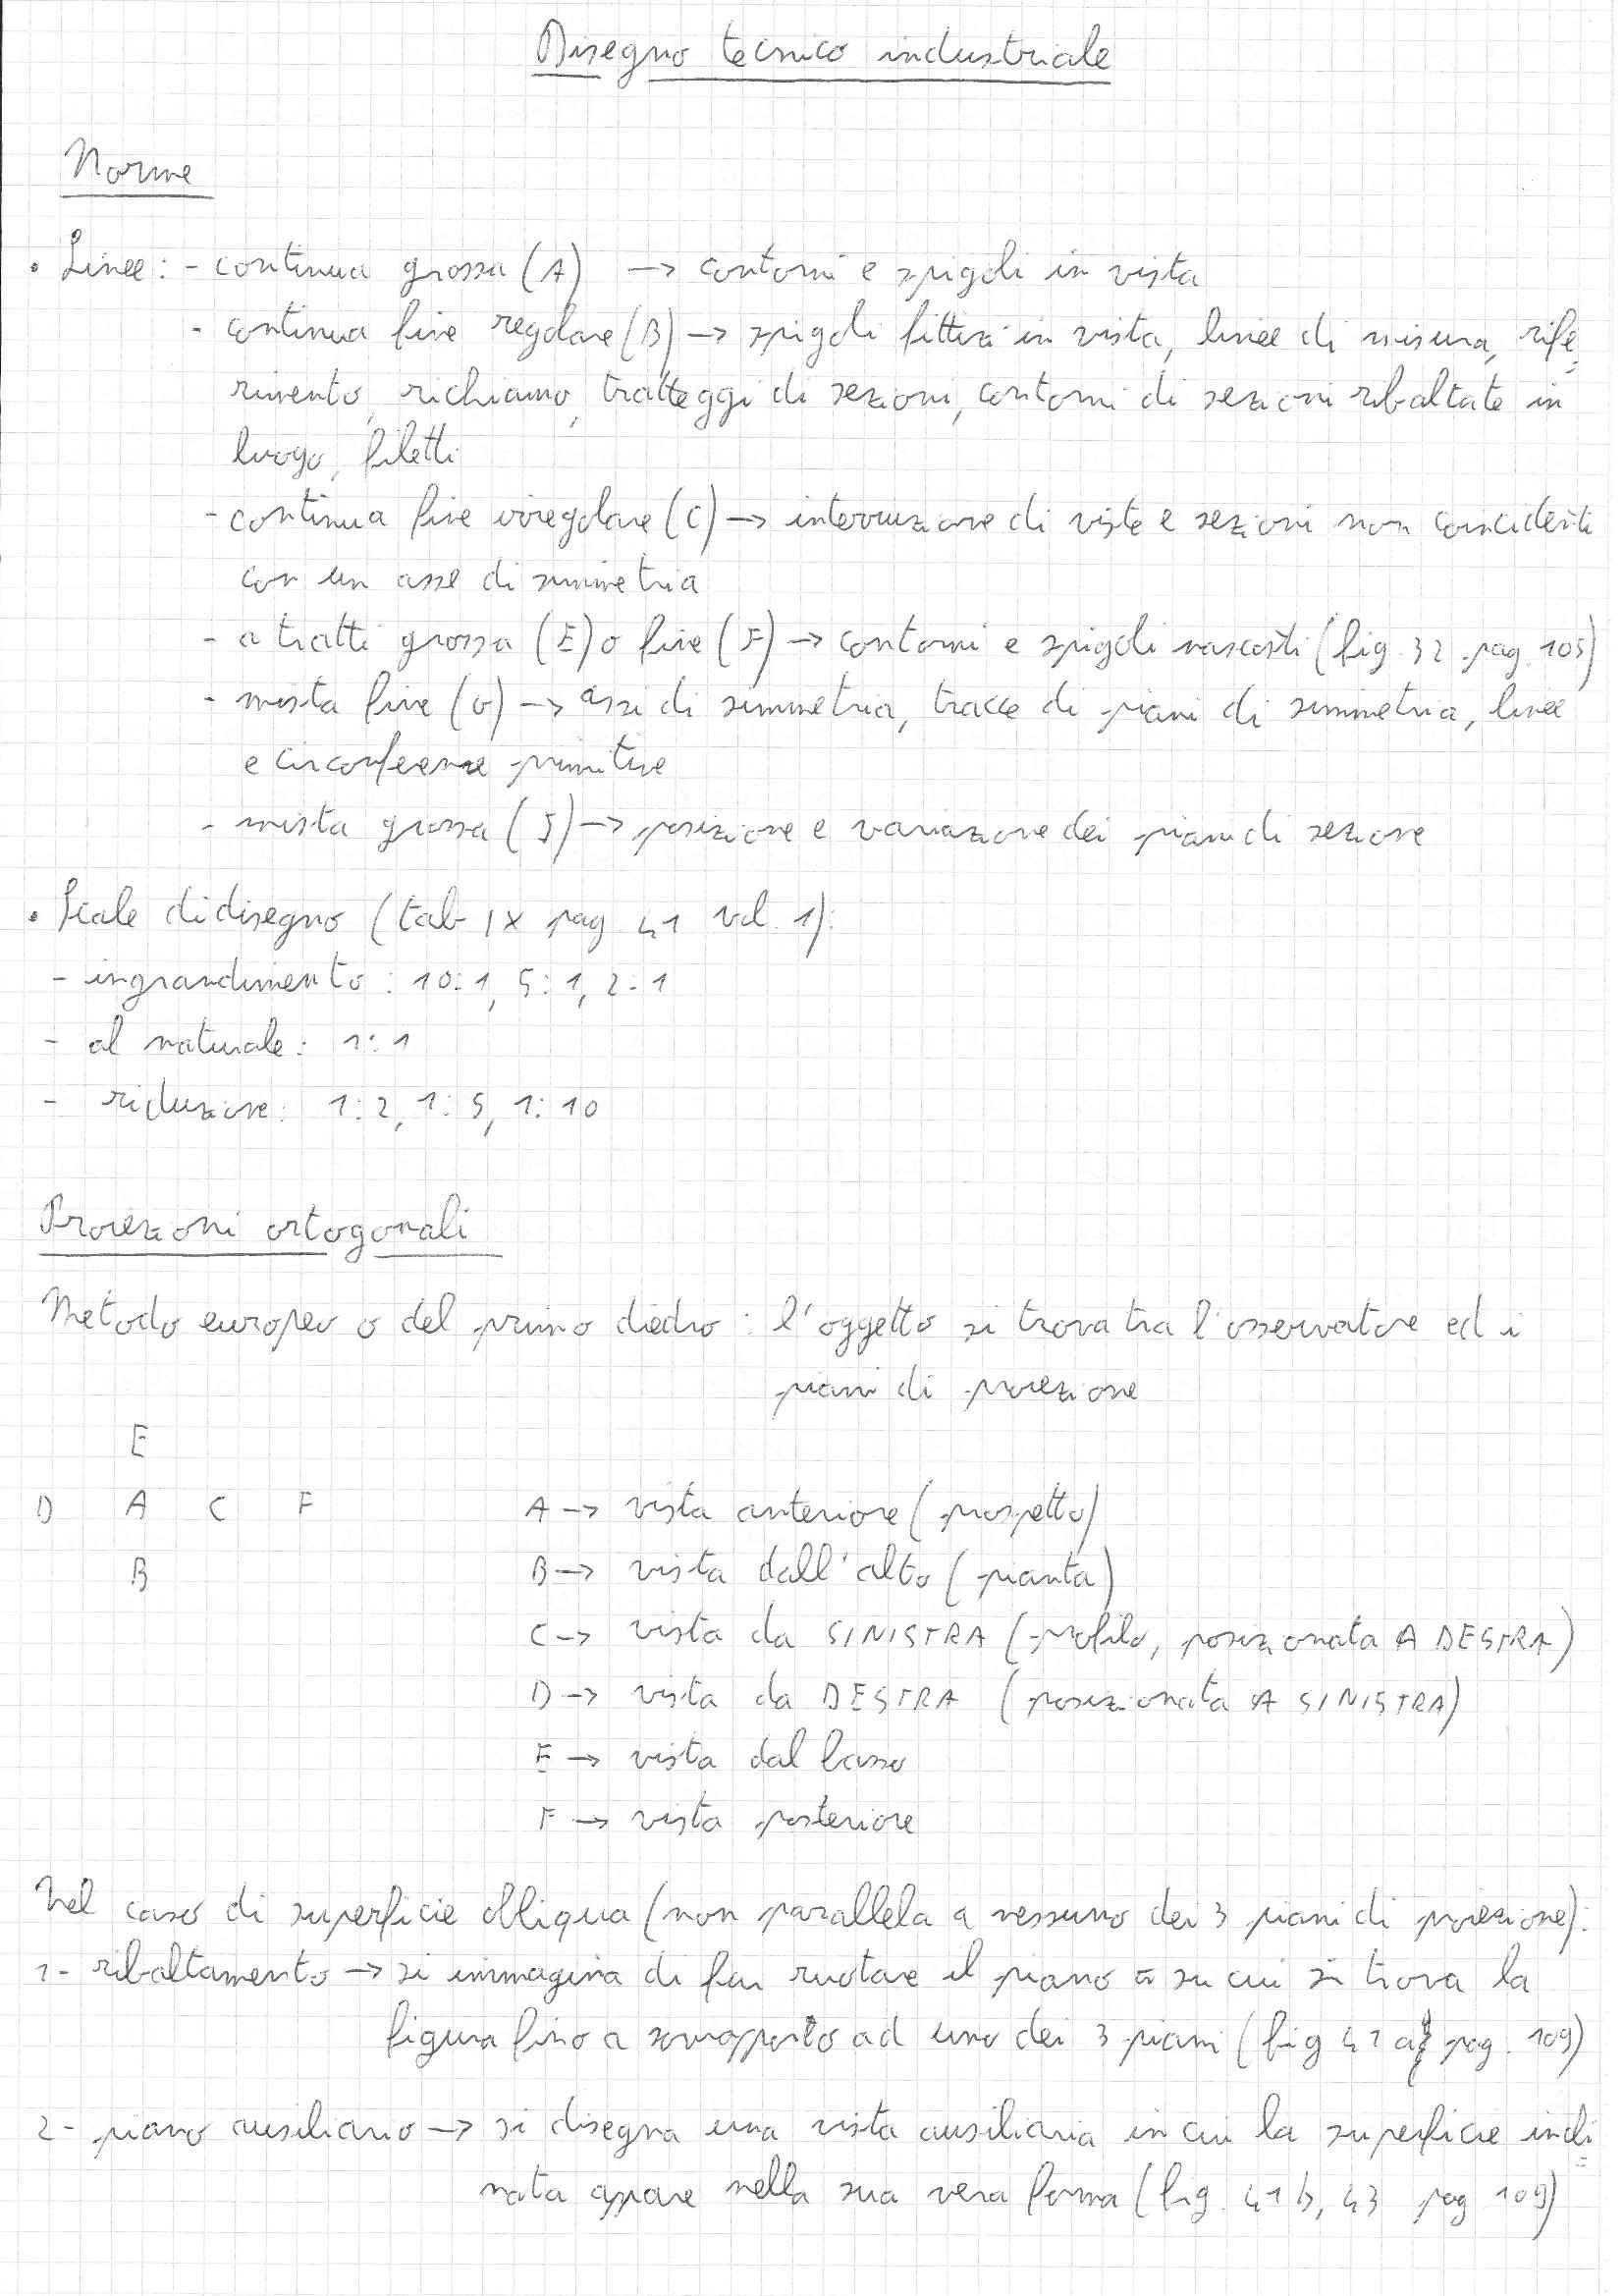 Disegno tecnico industriale - Appunti